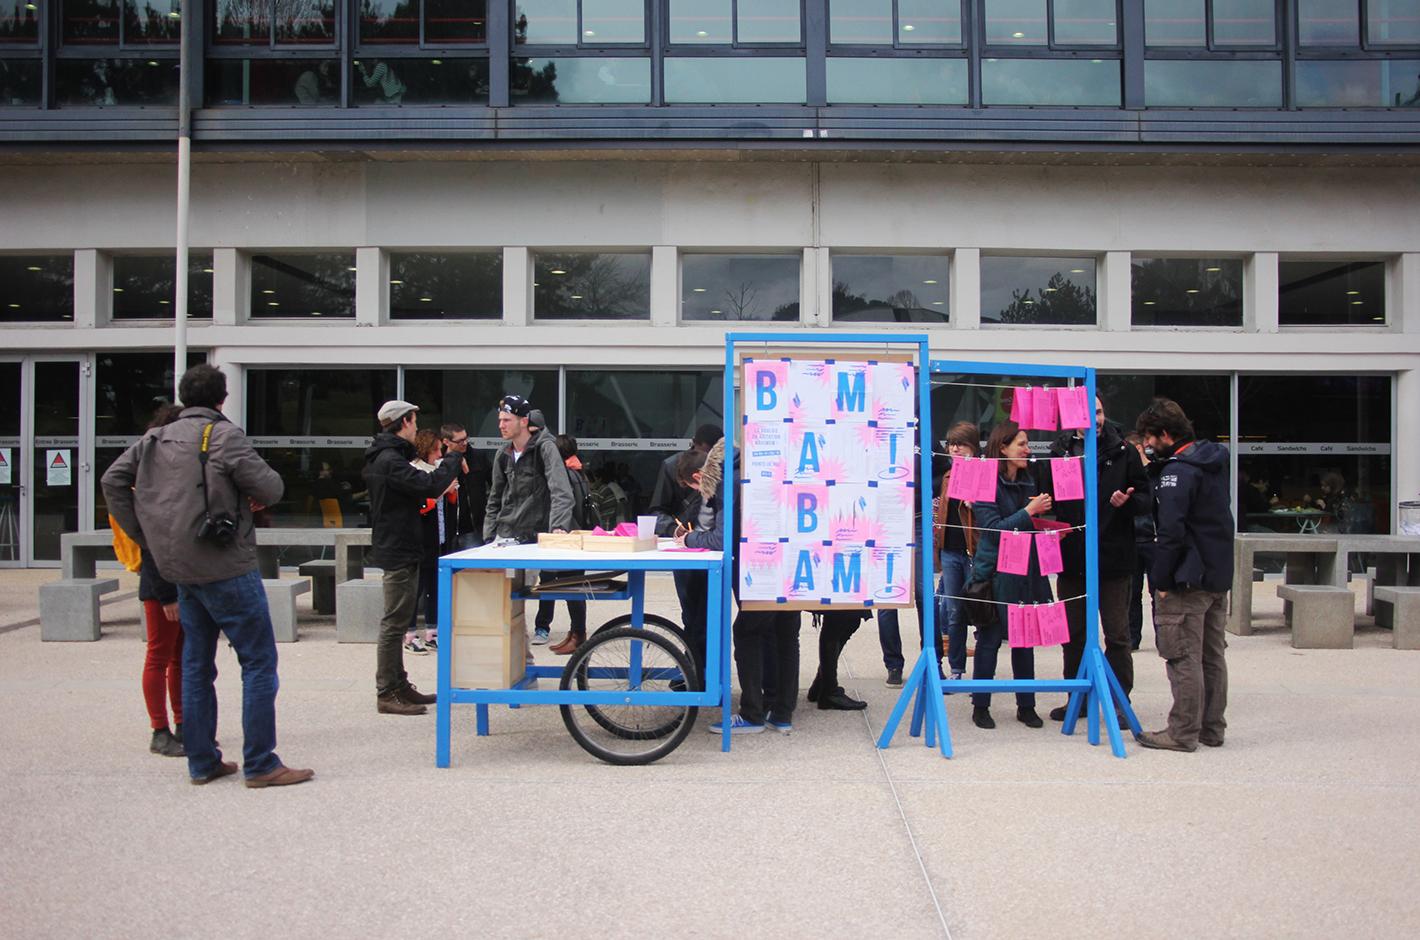 BAM ! La Bouloie en Agitation Maximum - Besançon - Campus de la Bouloie - meuble et affiche 2 points de vues